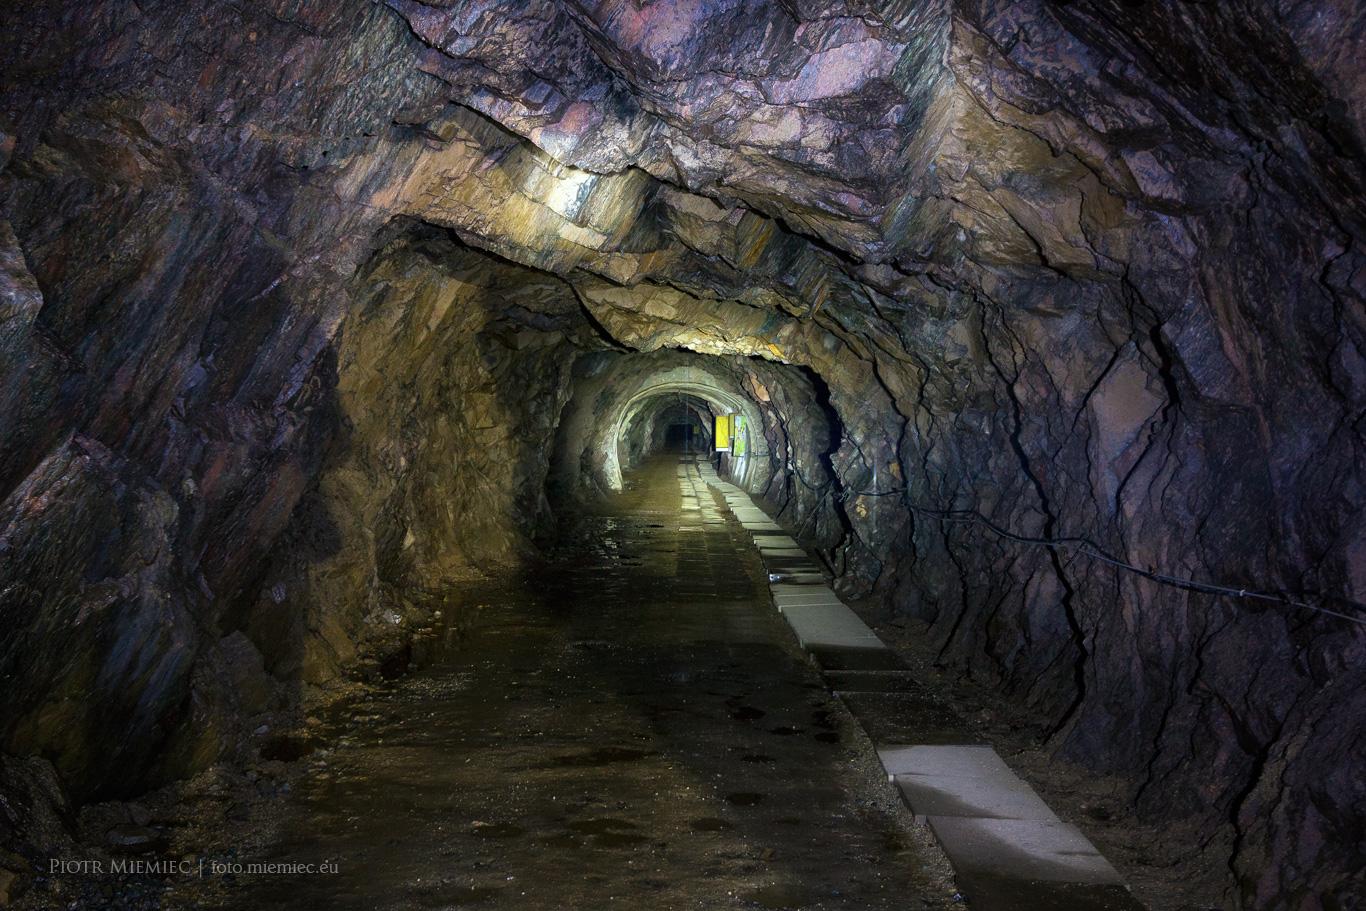 Kopalnia uranu Podgórze w Kowarach